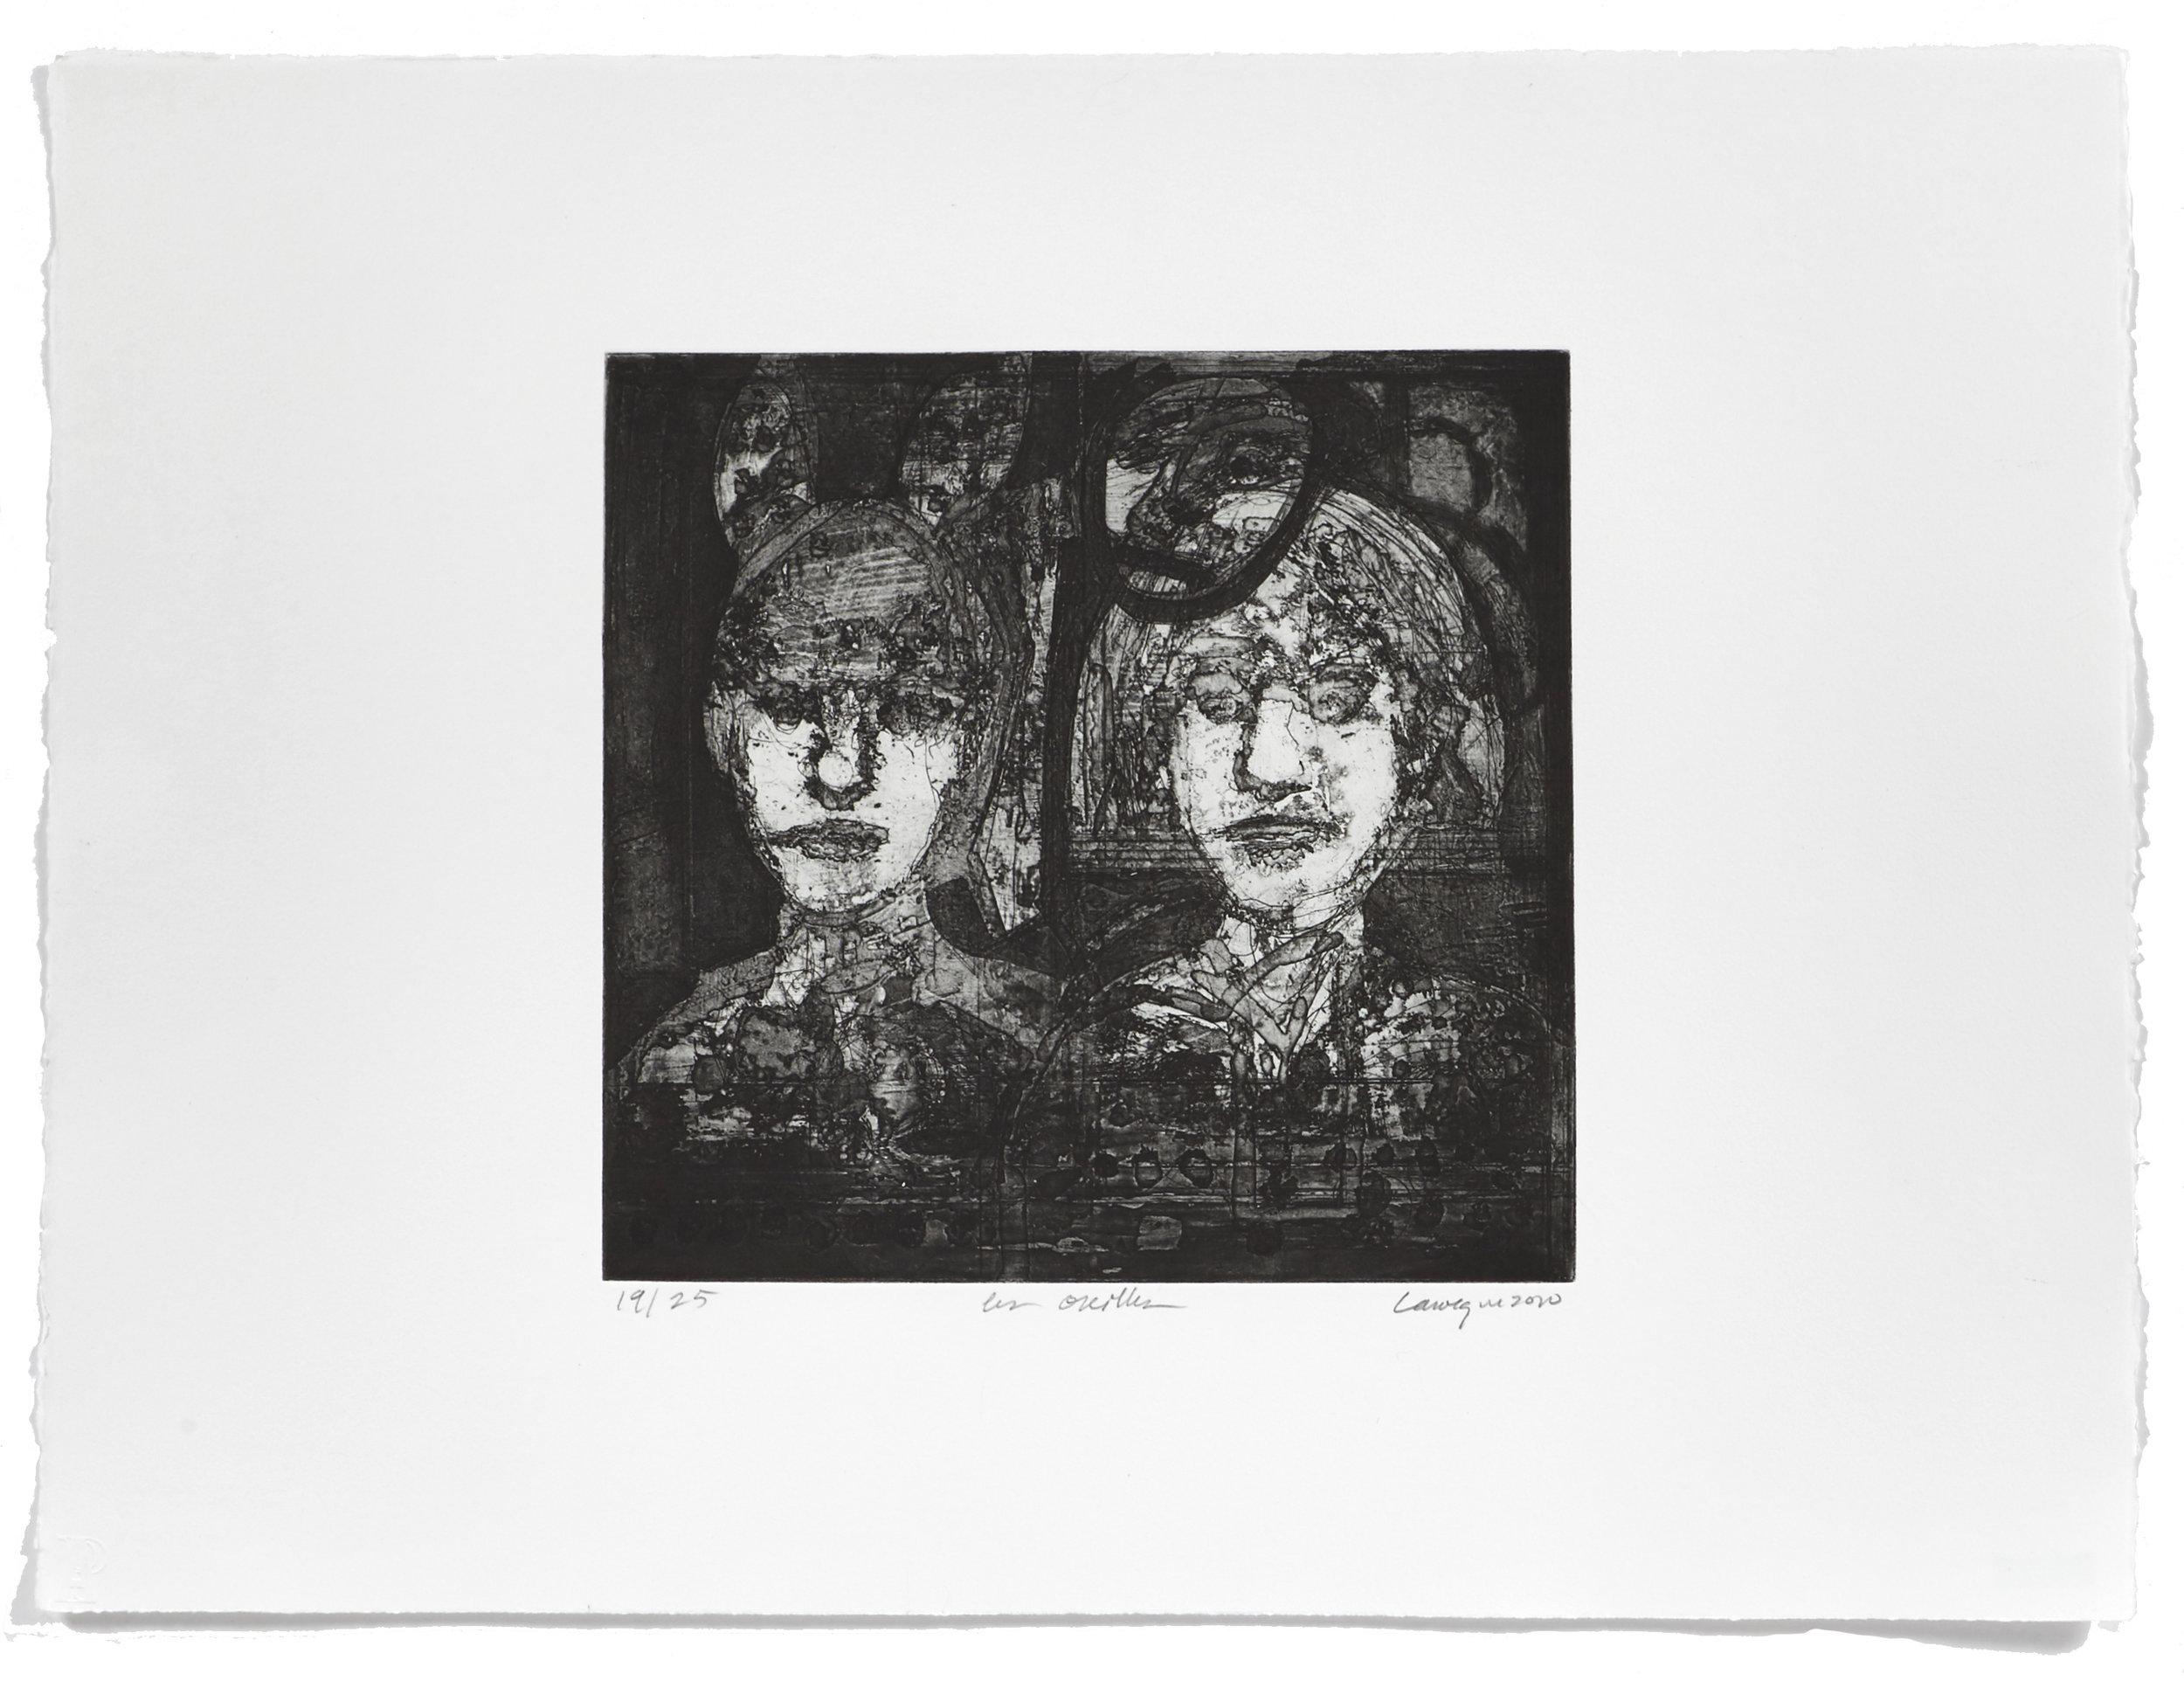 Les oreilles   2010 | 50 x 65cm | Eau-forte | 25 prints | Editor Atelier-Galerie A. Piroir